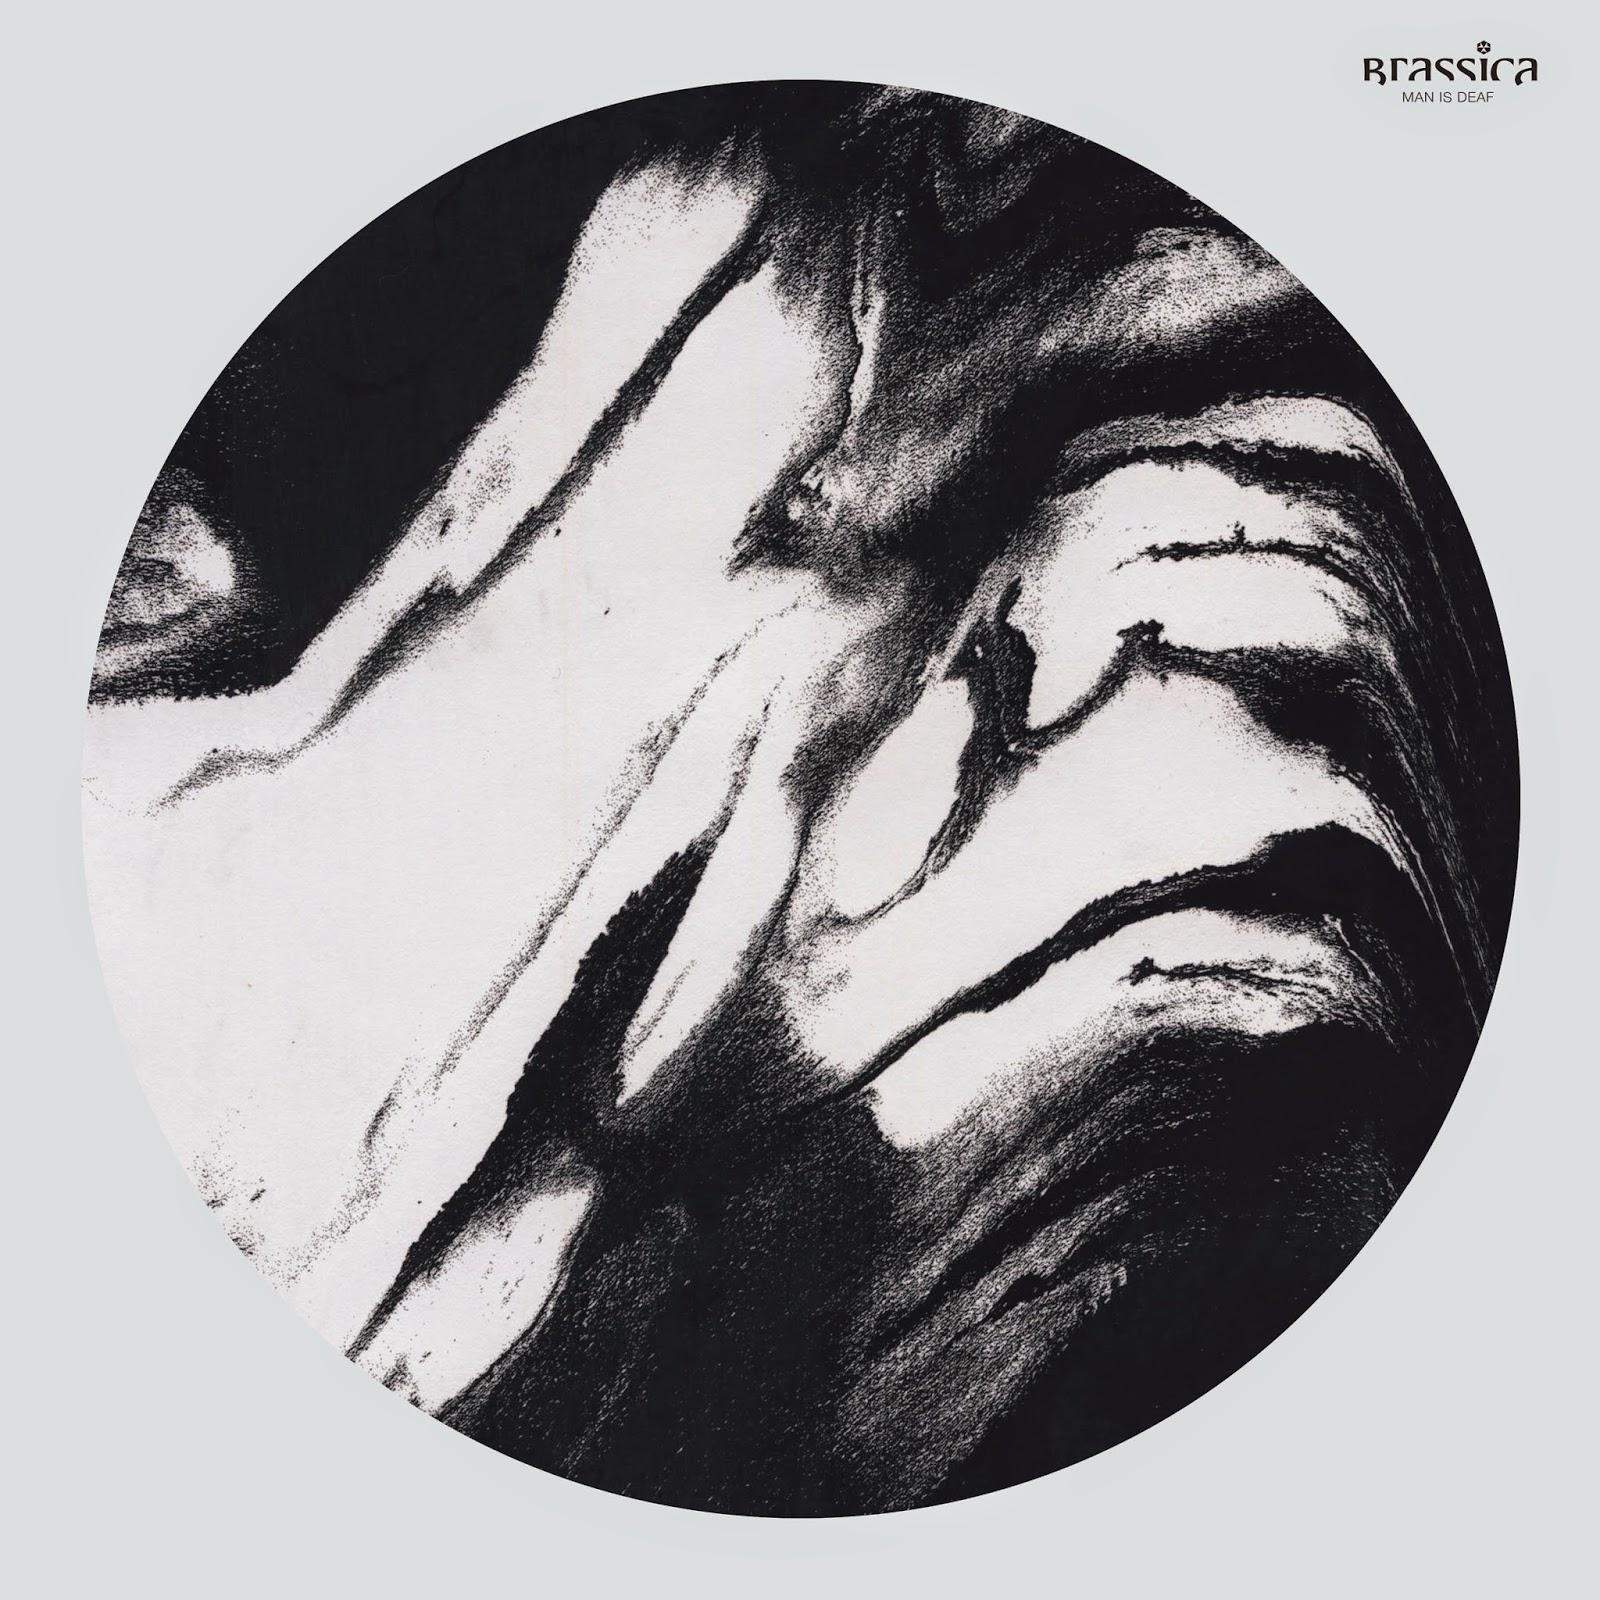 discosafari - BRASSICA - Man is Deaf - Civil Music